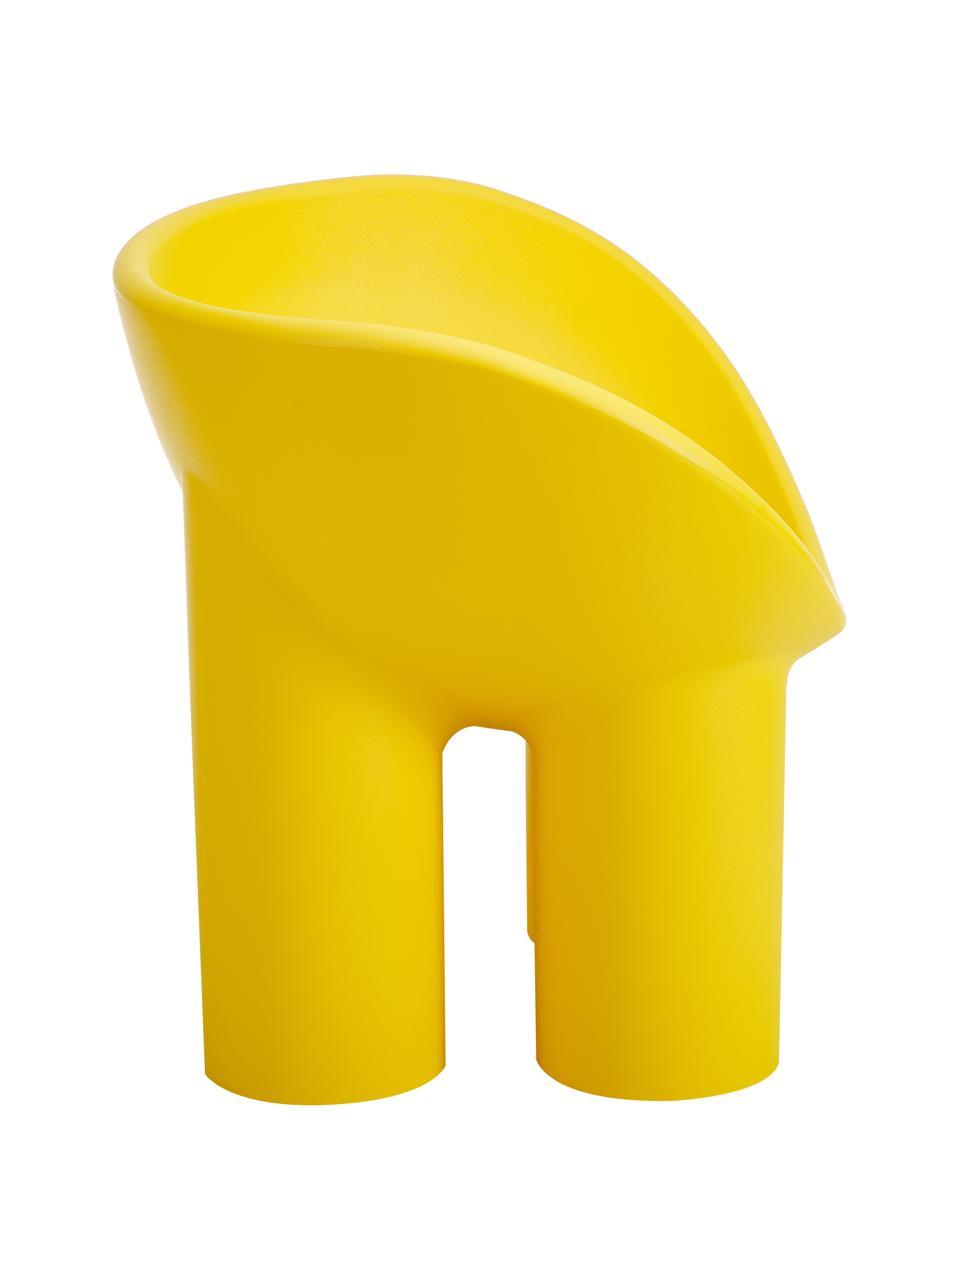 Poltrona di design color giallo Roly Poly, Polietilene, prodotto in un processo di stampaggio rotazionale, Giallo ocra, Larg. 84 x Prof. 57 cm